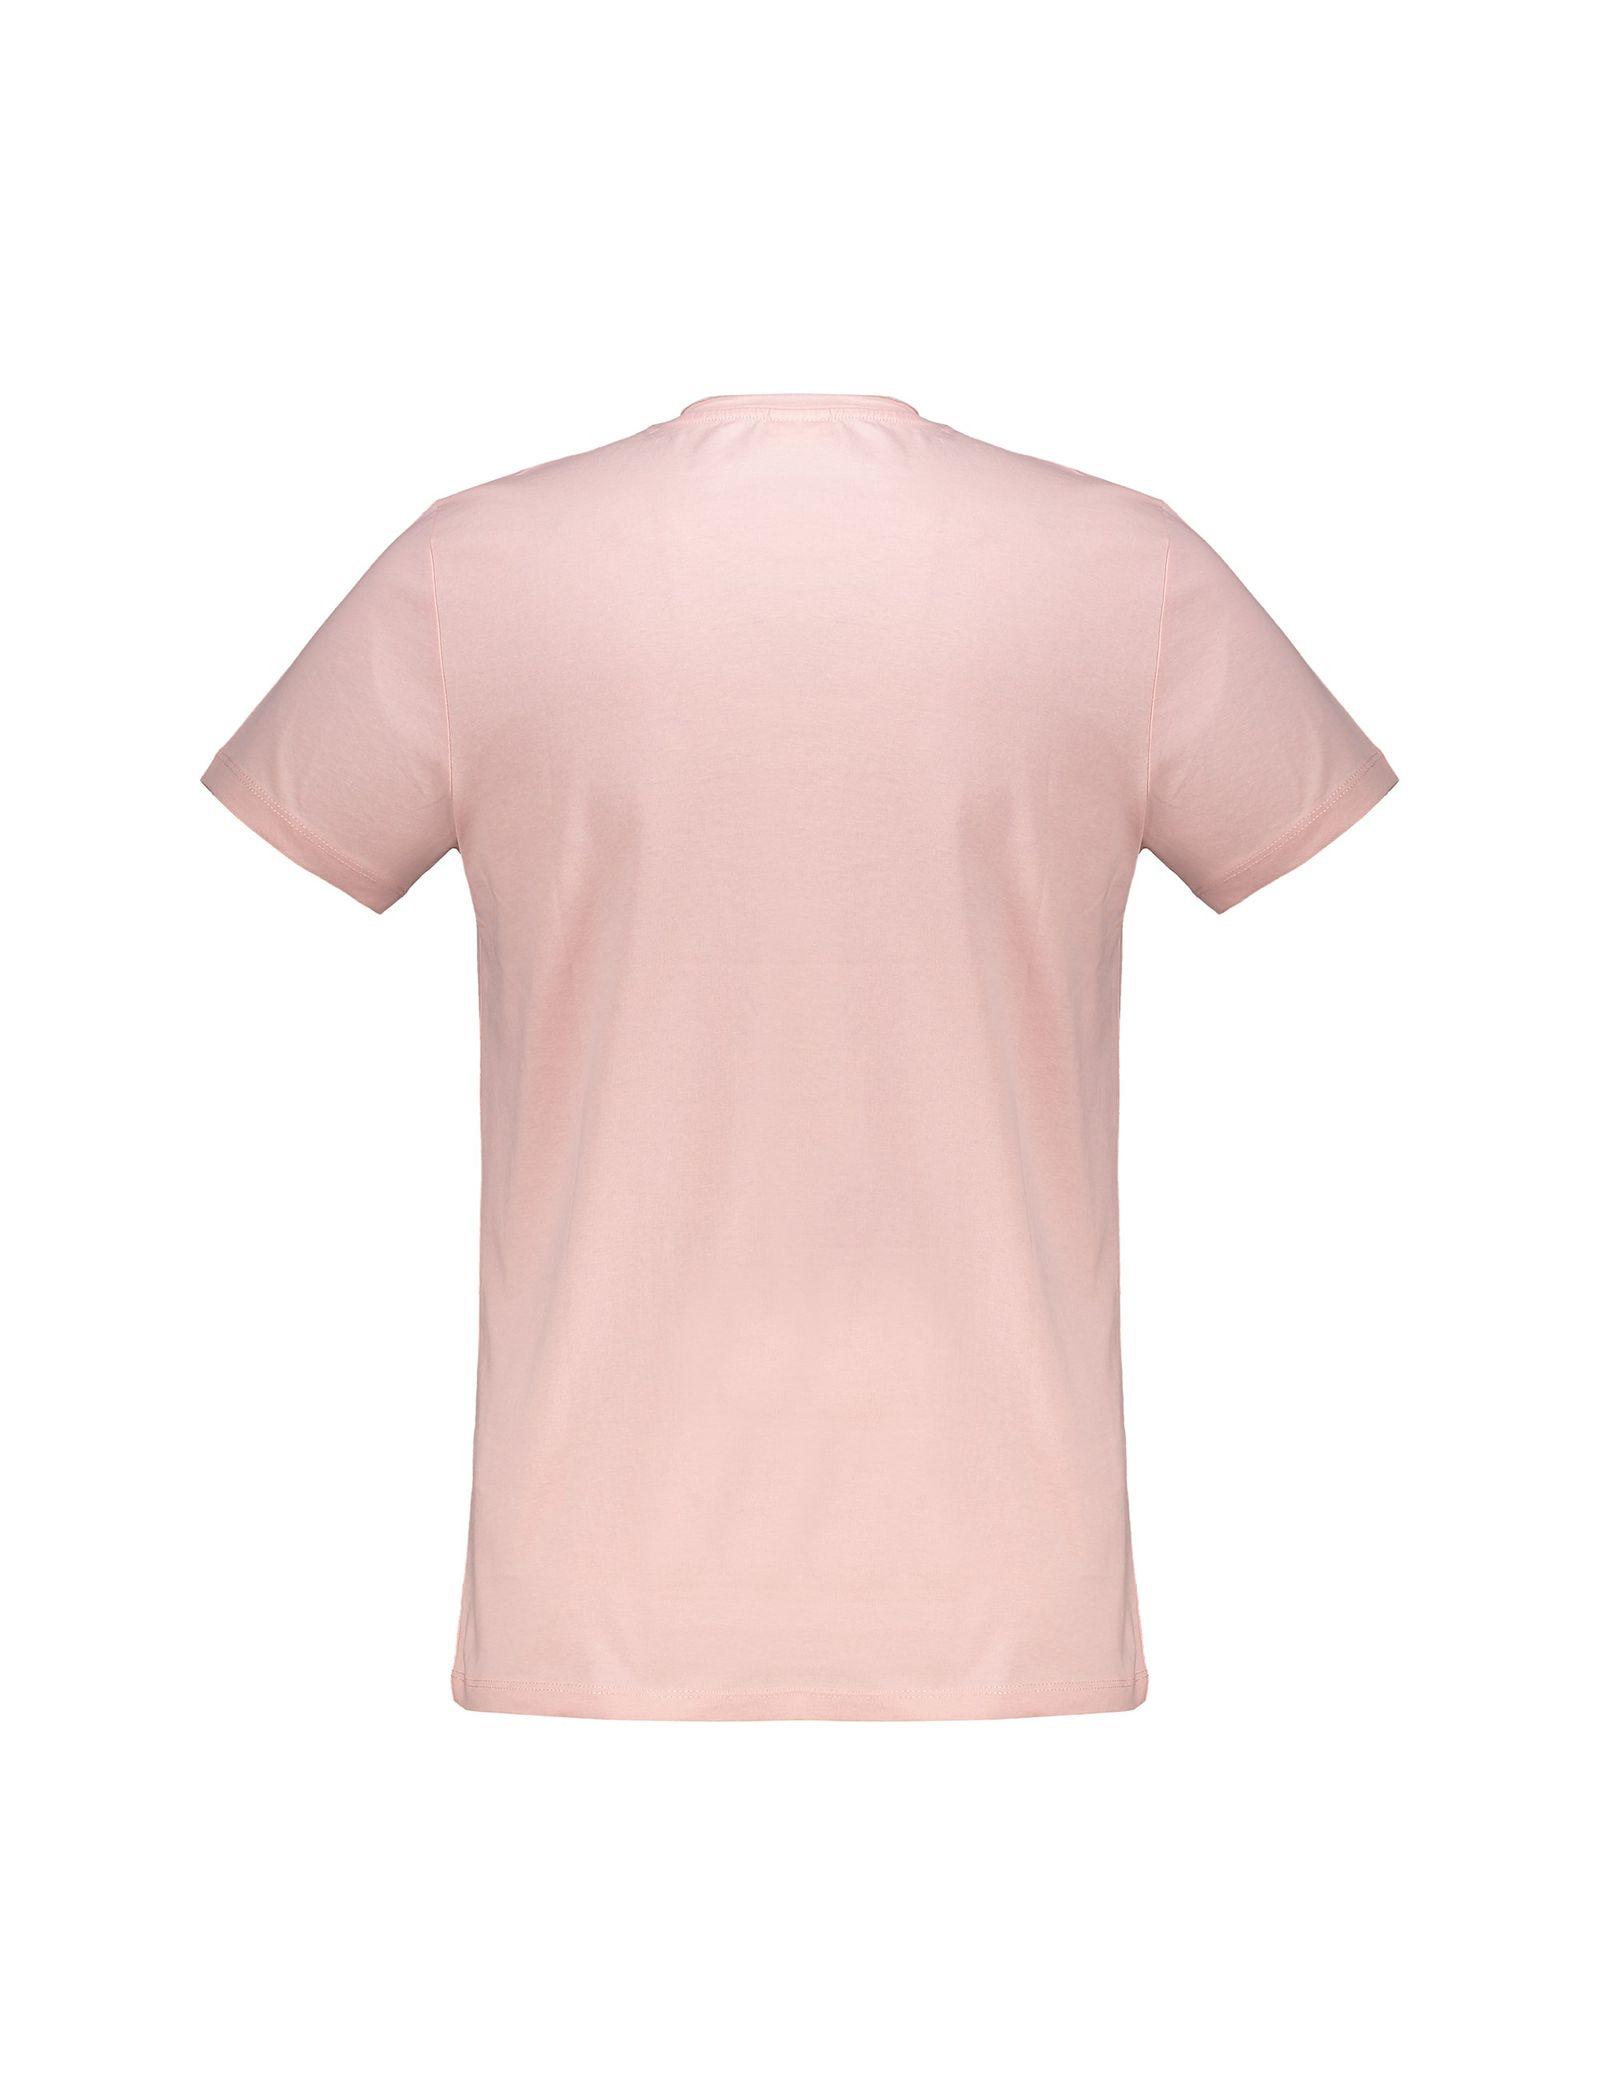 تی شرت نخی یقه گرد مردانه - ال سی وایکیکی - صورتي - 5